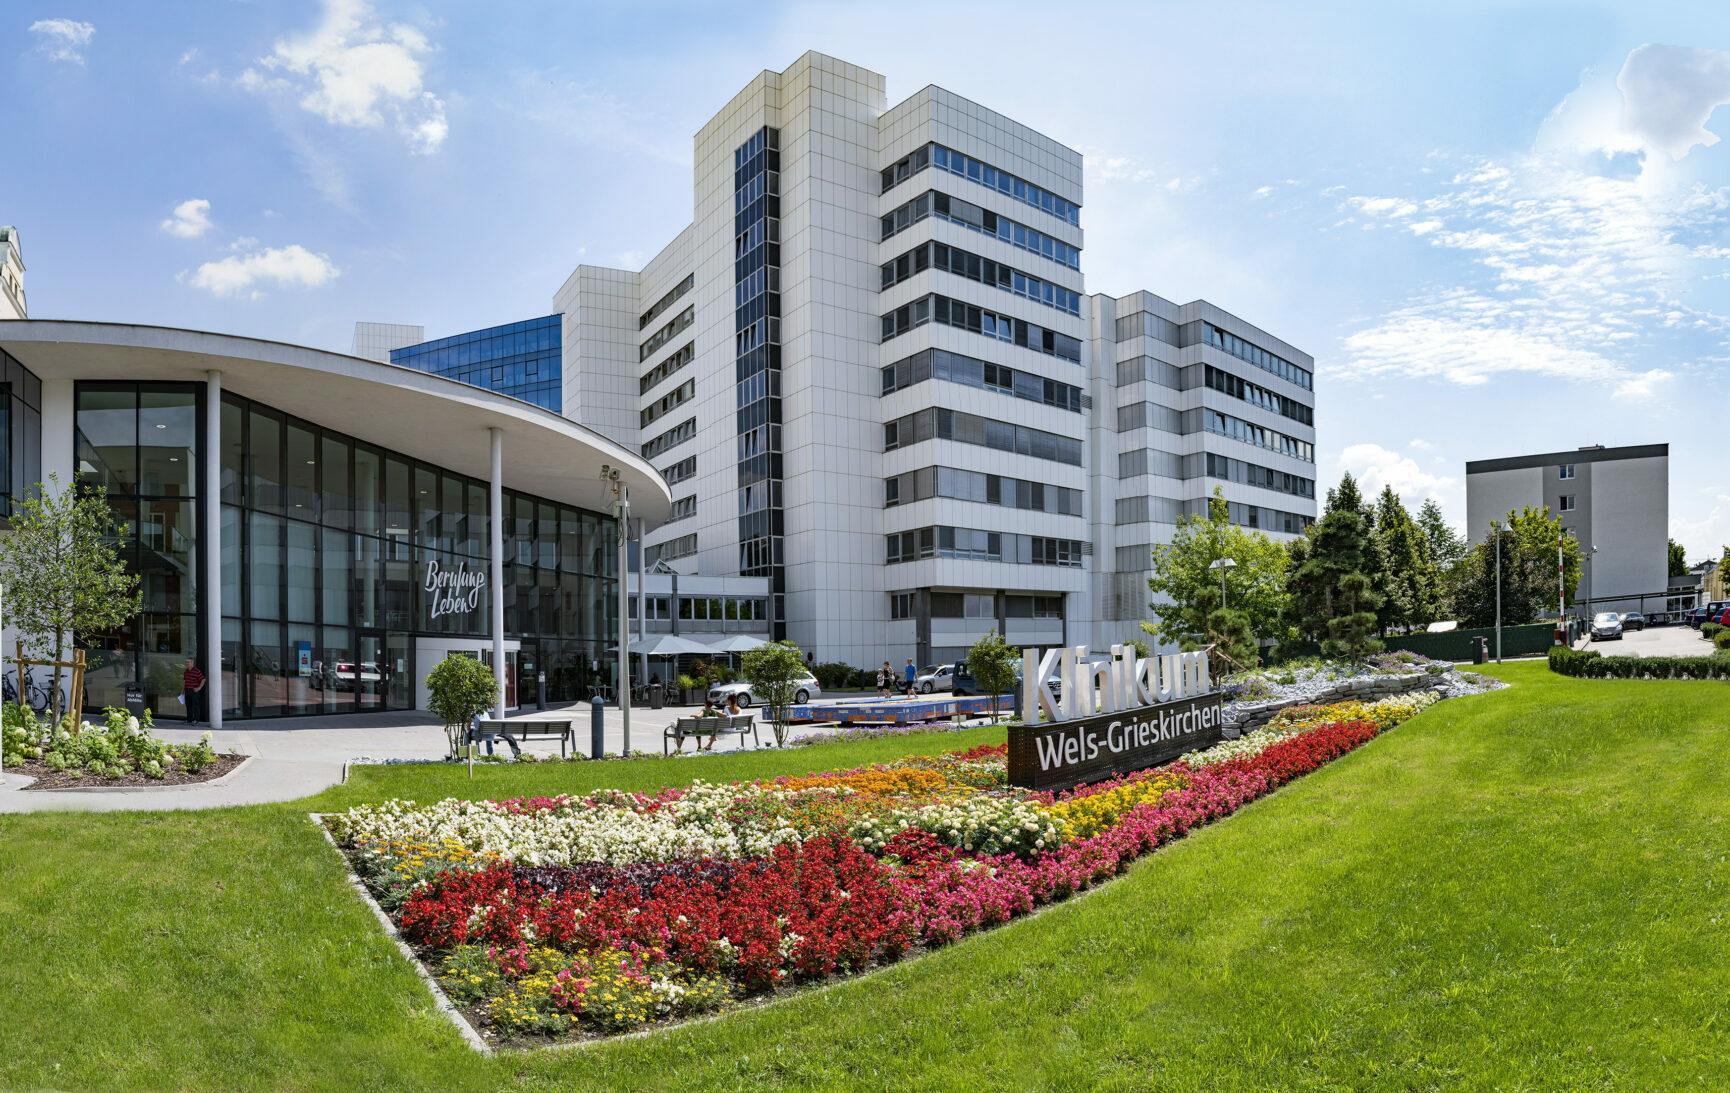 Campus Gesundheit am Klinikum Wels-Grieskirchen